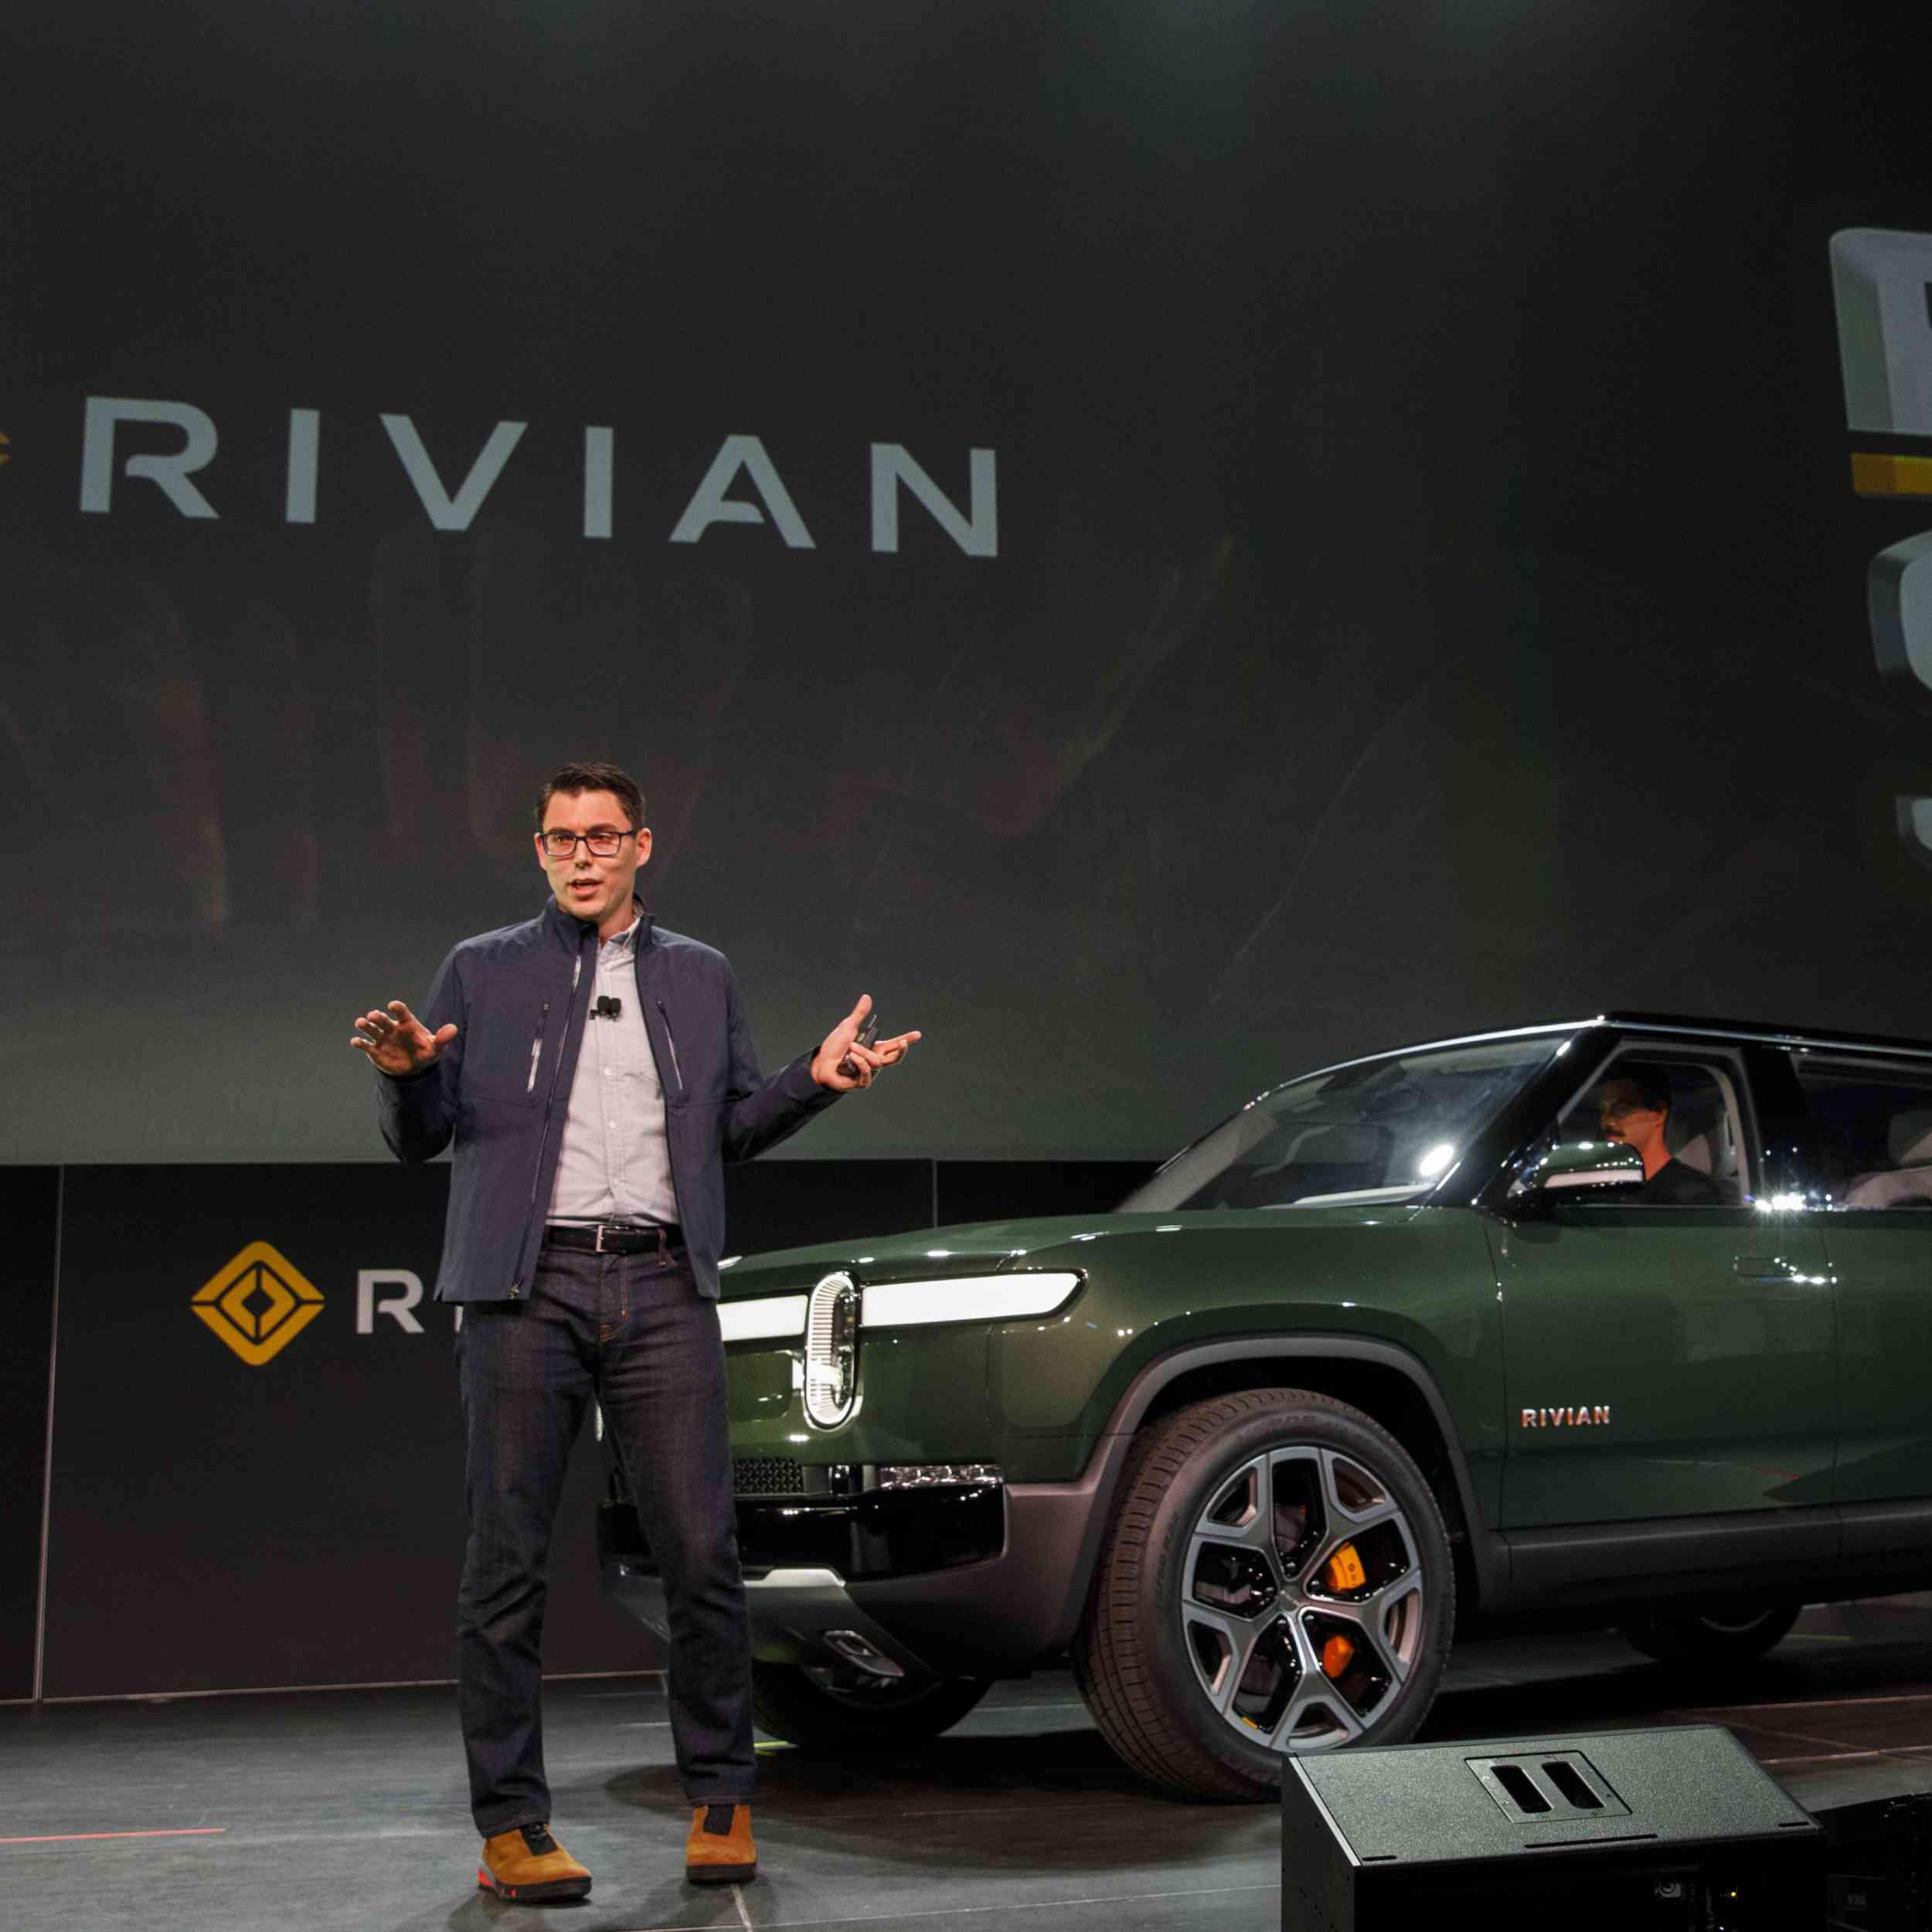 Das E-Auto-Startup Rivian hat sein Elektro-SUV vorgestellt | WIRED Germany